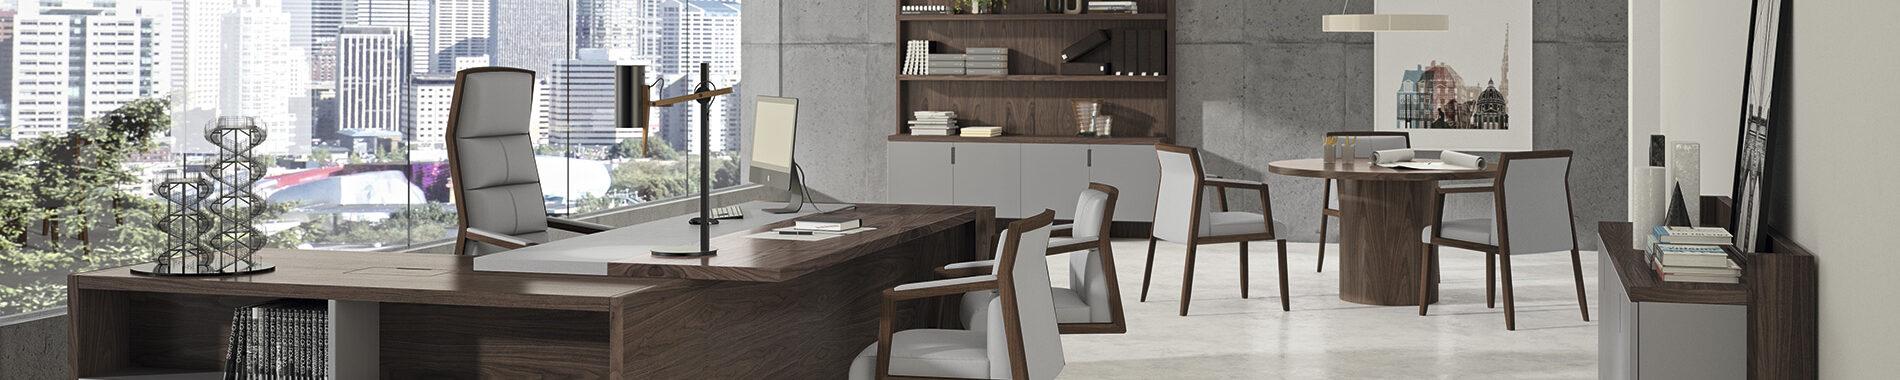 Despacho-mesa-presidencial-Freeport-nogal-natural-y-sillones-Square-en-piel-gris-07